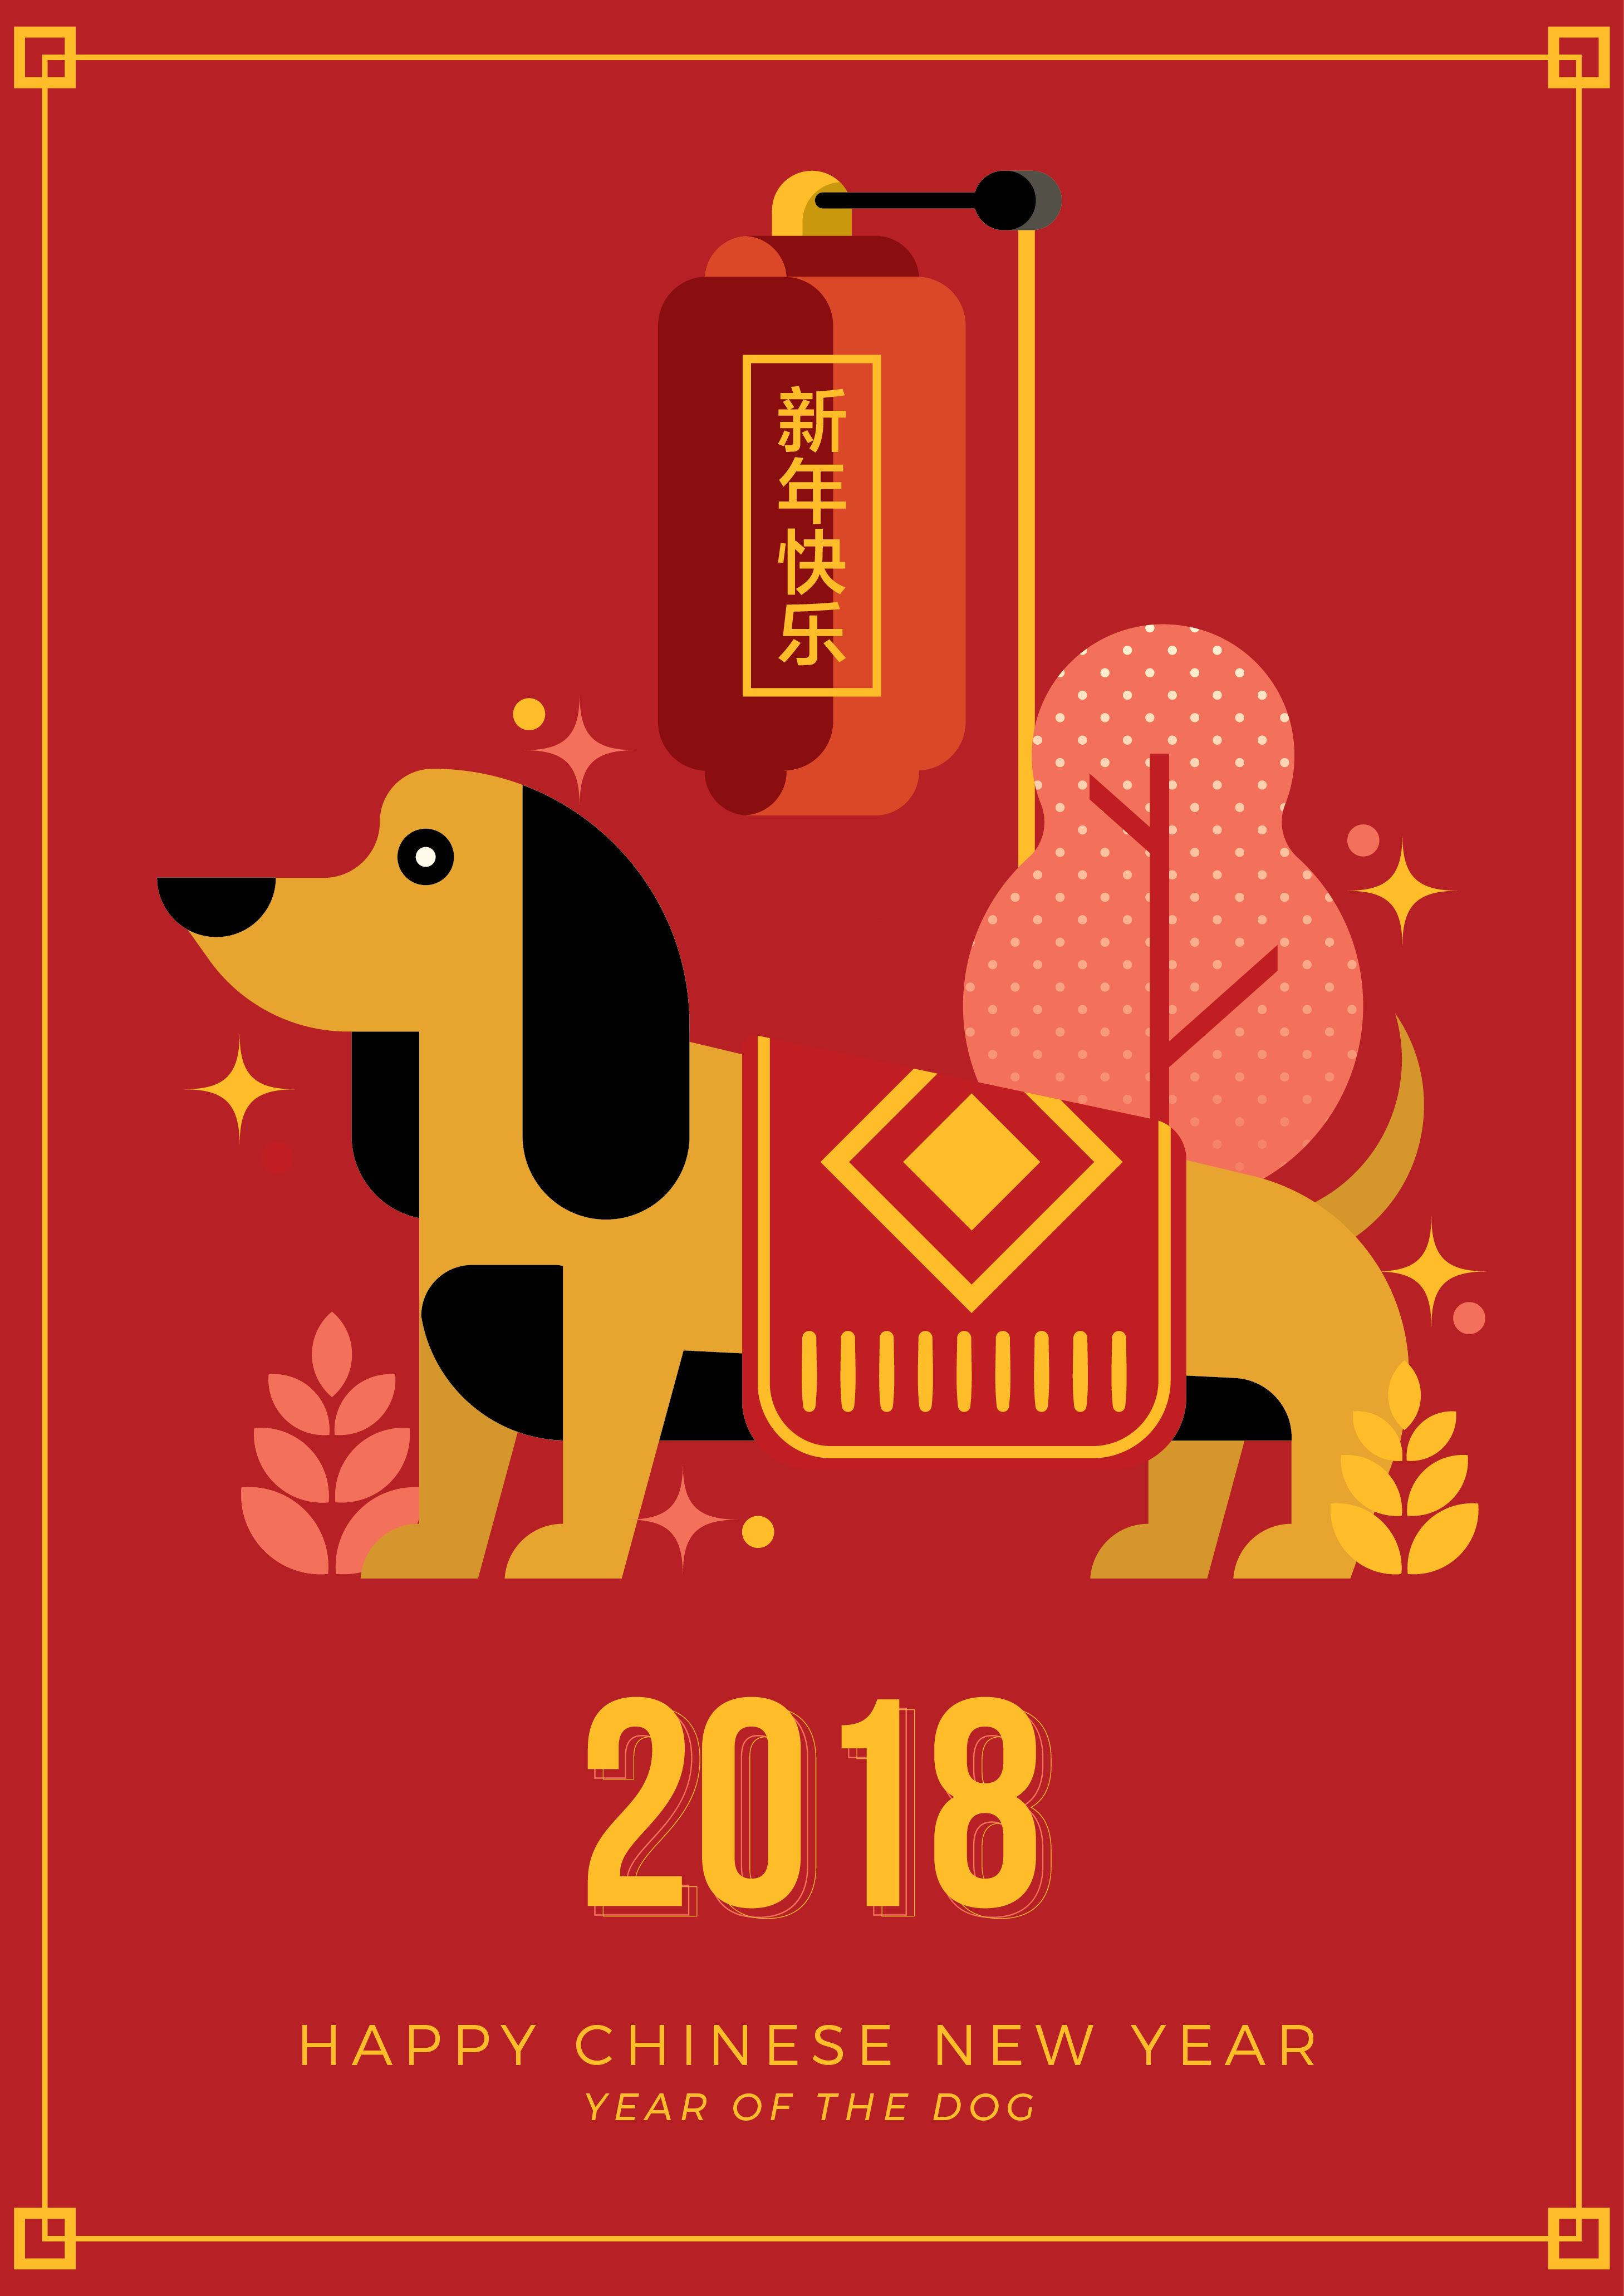 Chinesische Neujahrs-Grußkarte - Kostenlose Vektor-Kunst, Archiv ...